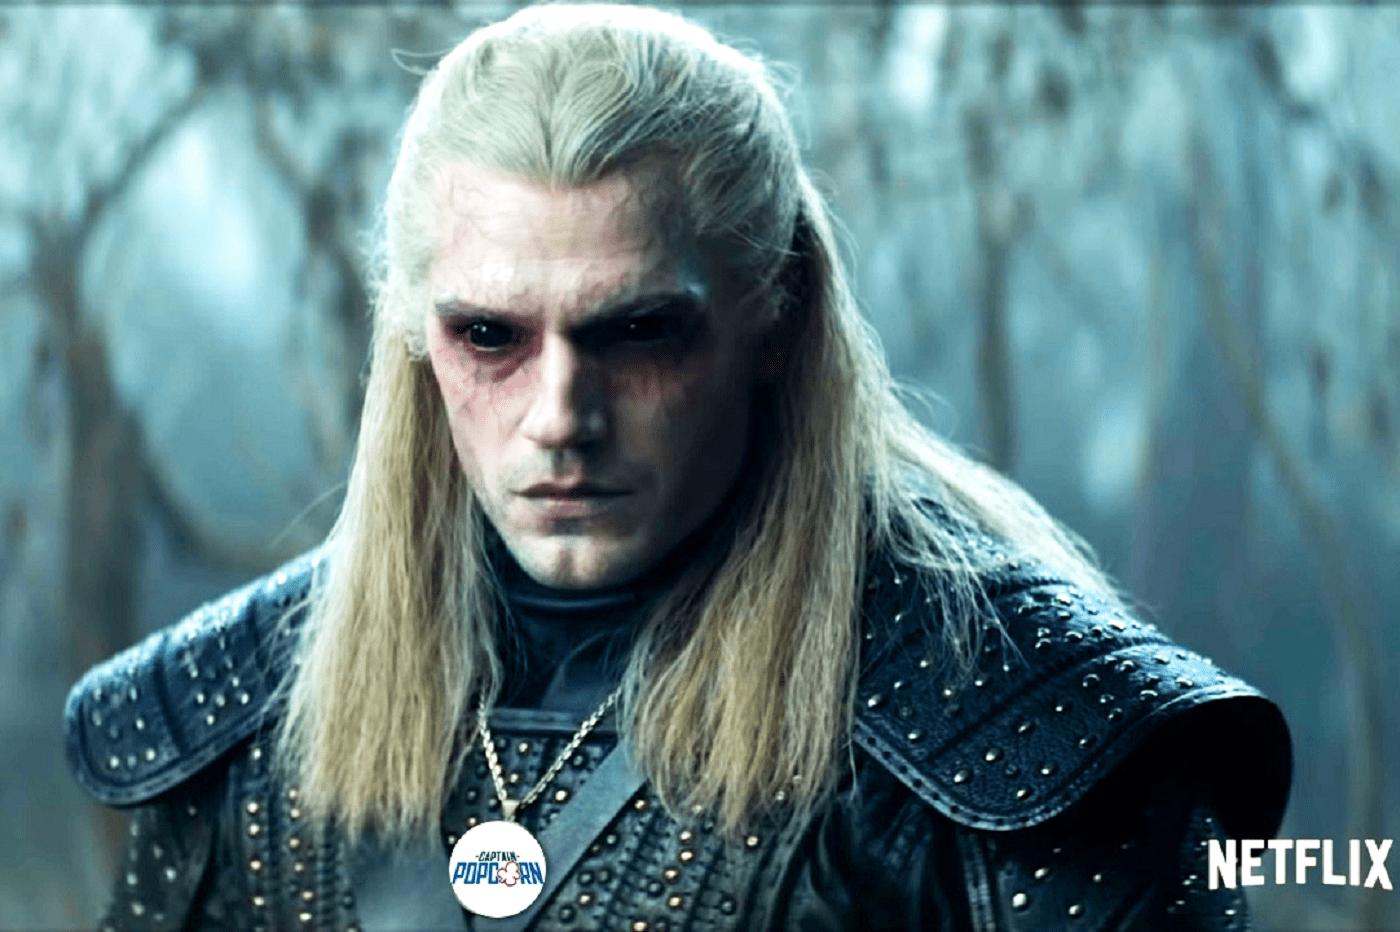 DE NOUVELLES CHANSONS SONT AU PROGRAMME SUR NETFLIX, The Witcher